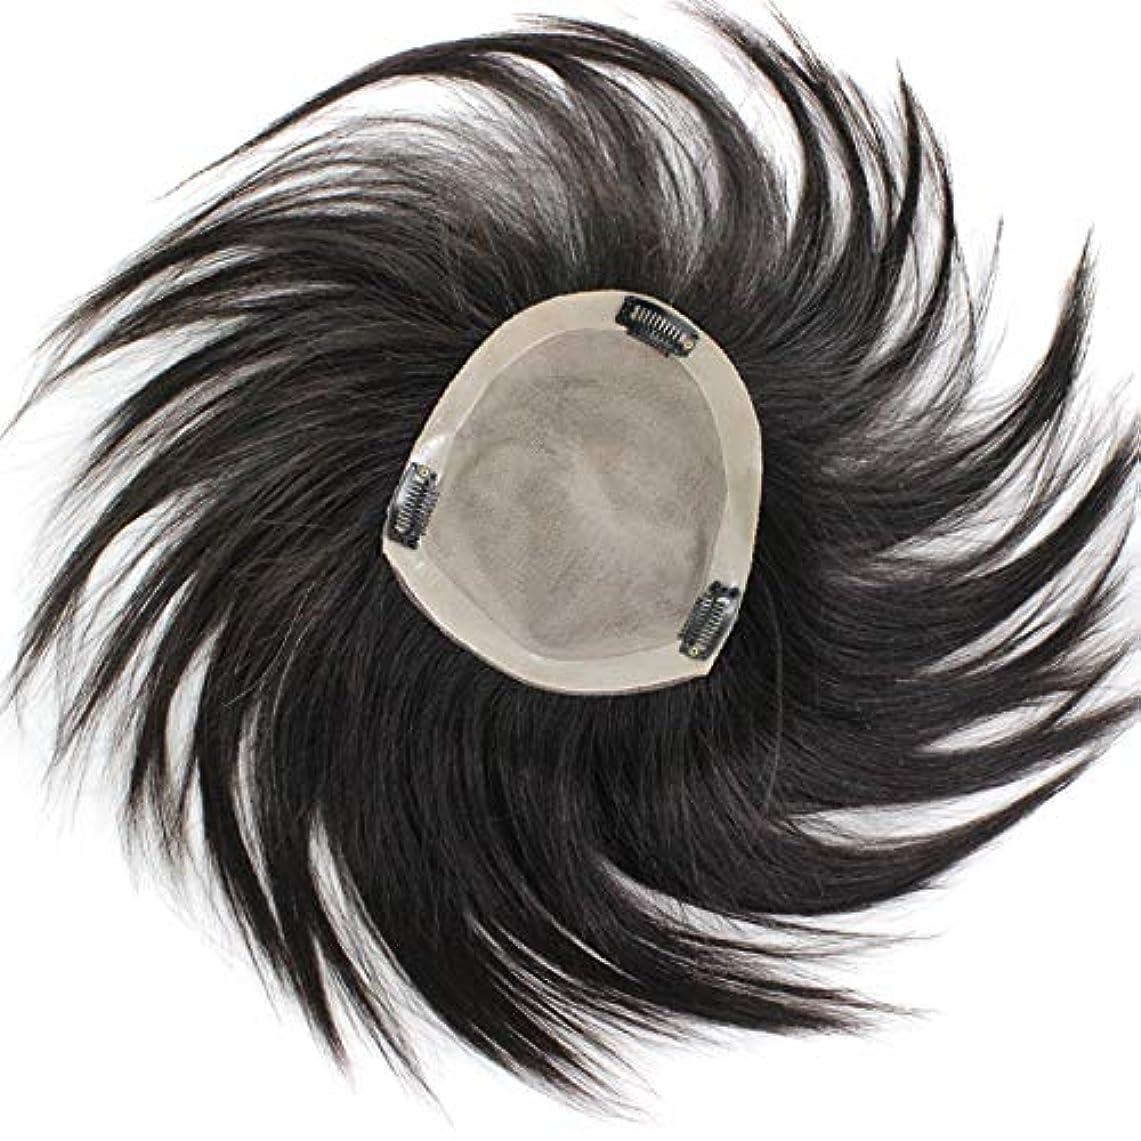 地上でオーロックオセアニア360レースフロントかつら女性未処理人毛プレ摘み取ら絹のようなストレートスタイルブラジルのバージン人毛ウィッグ